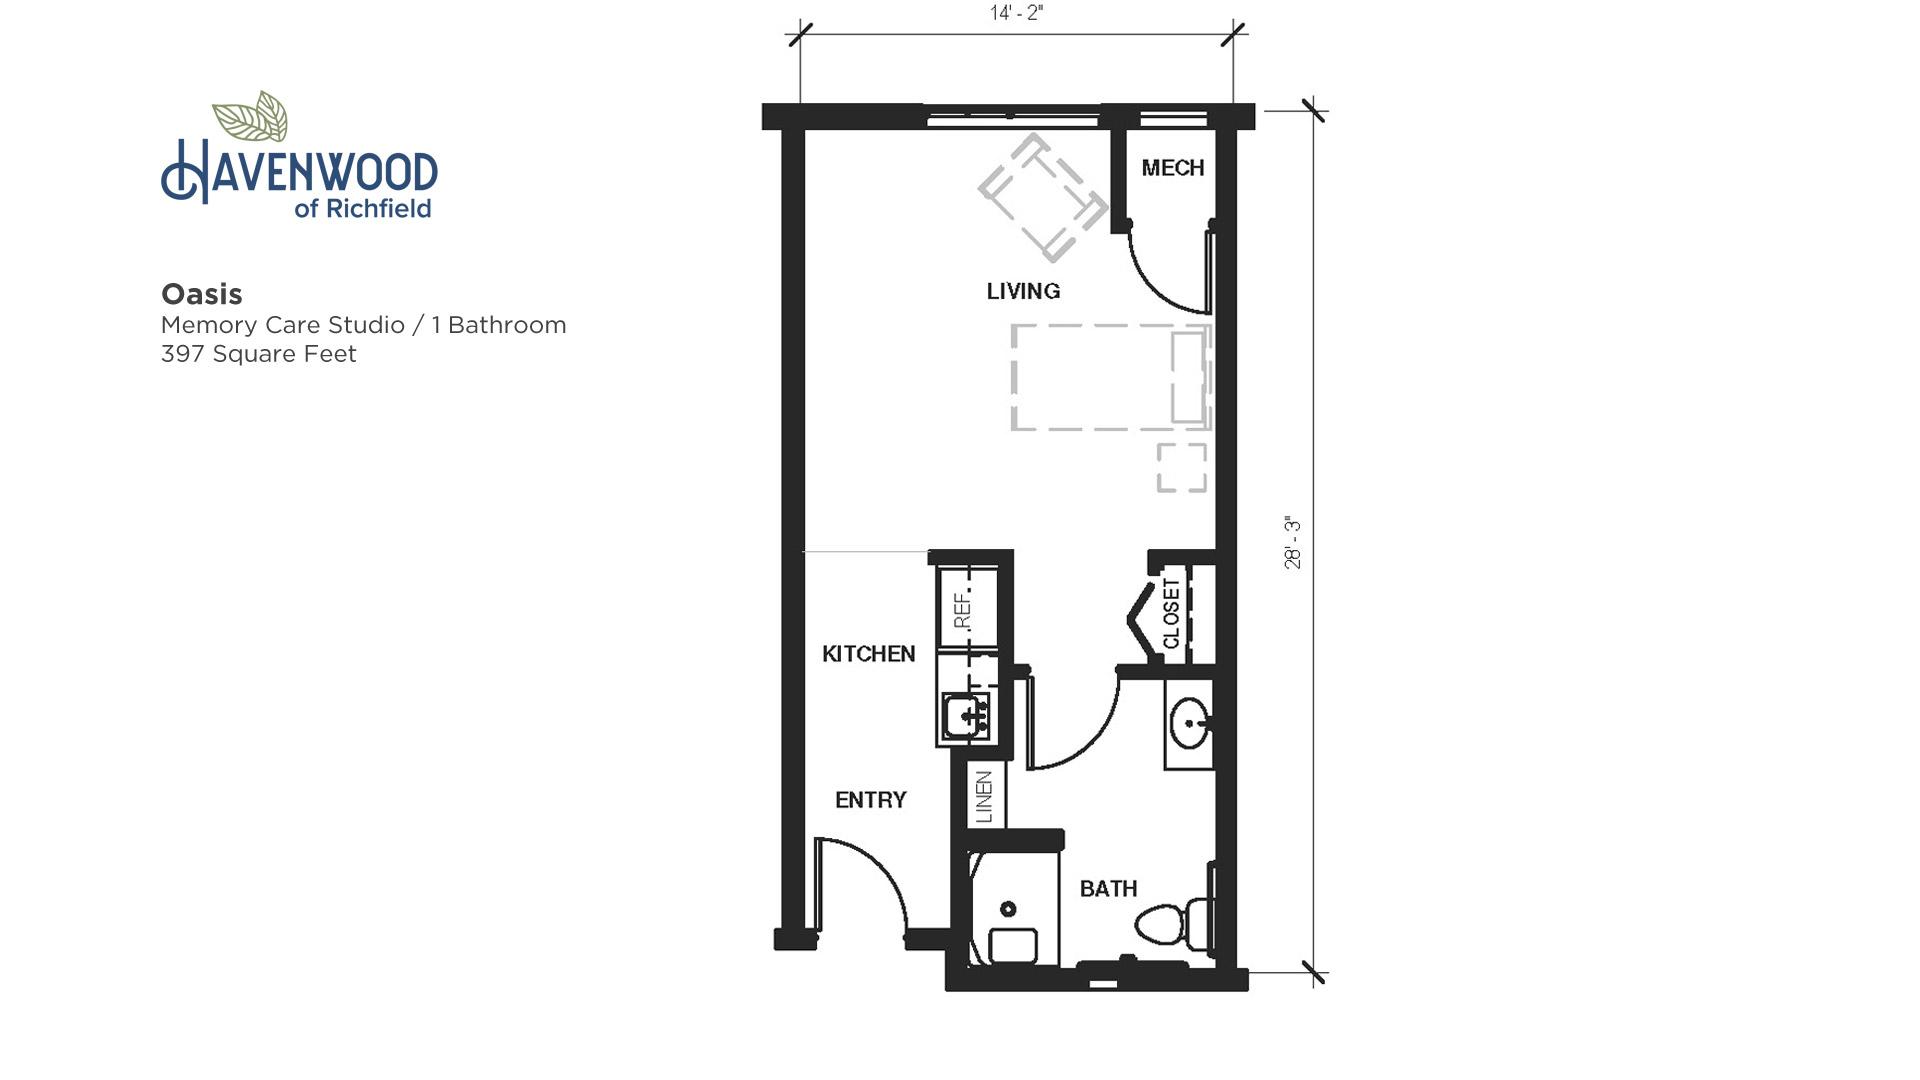 Havenwood of Richfield Oasis Floor Plan